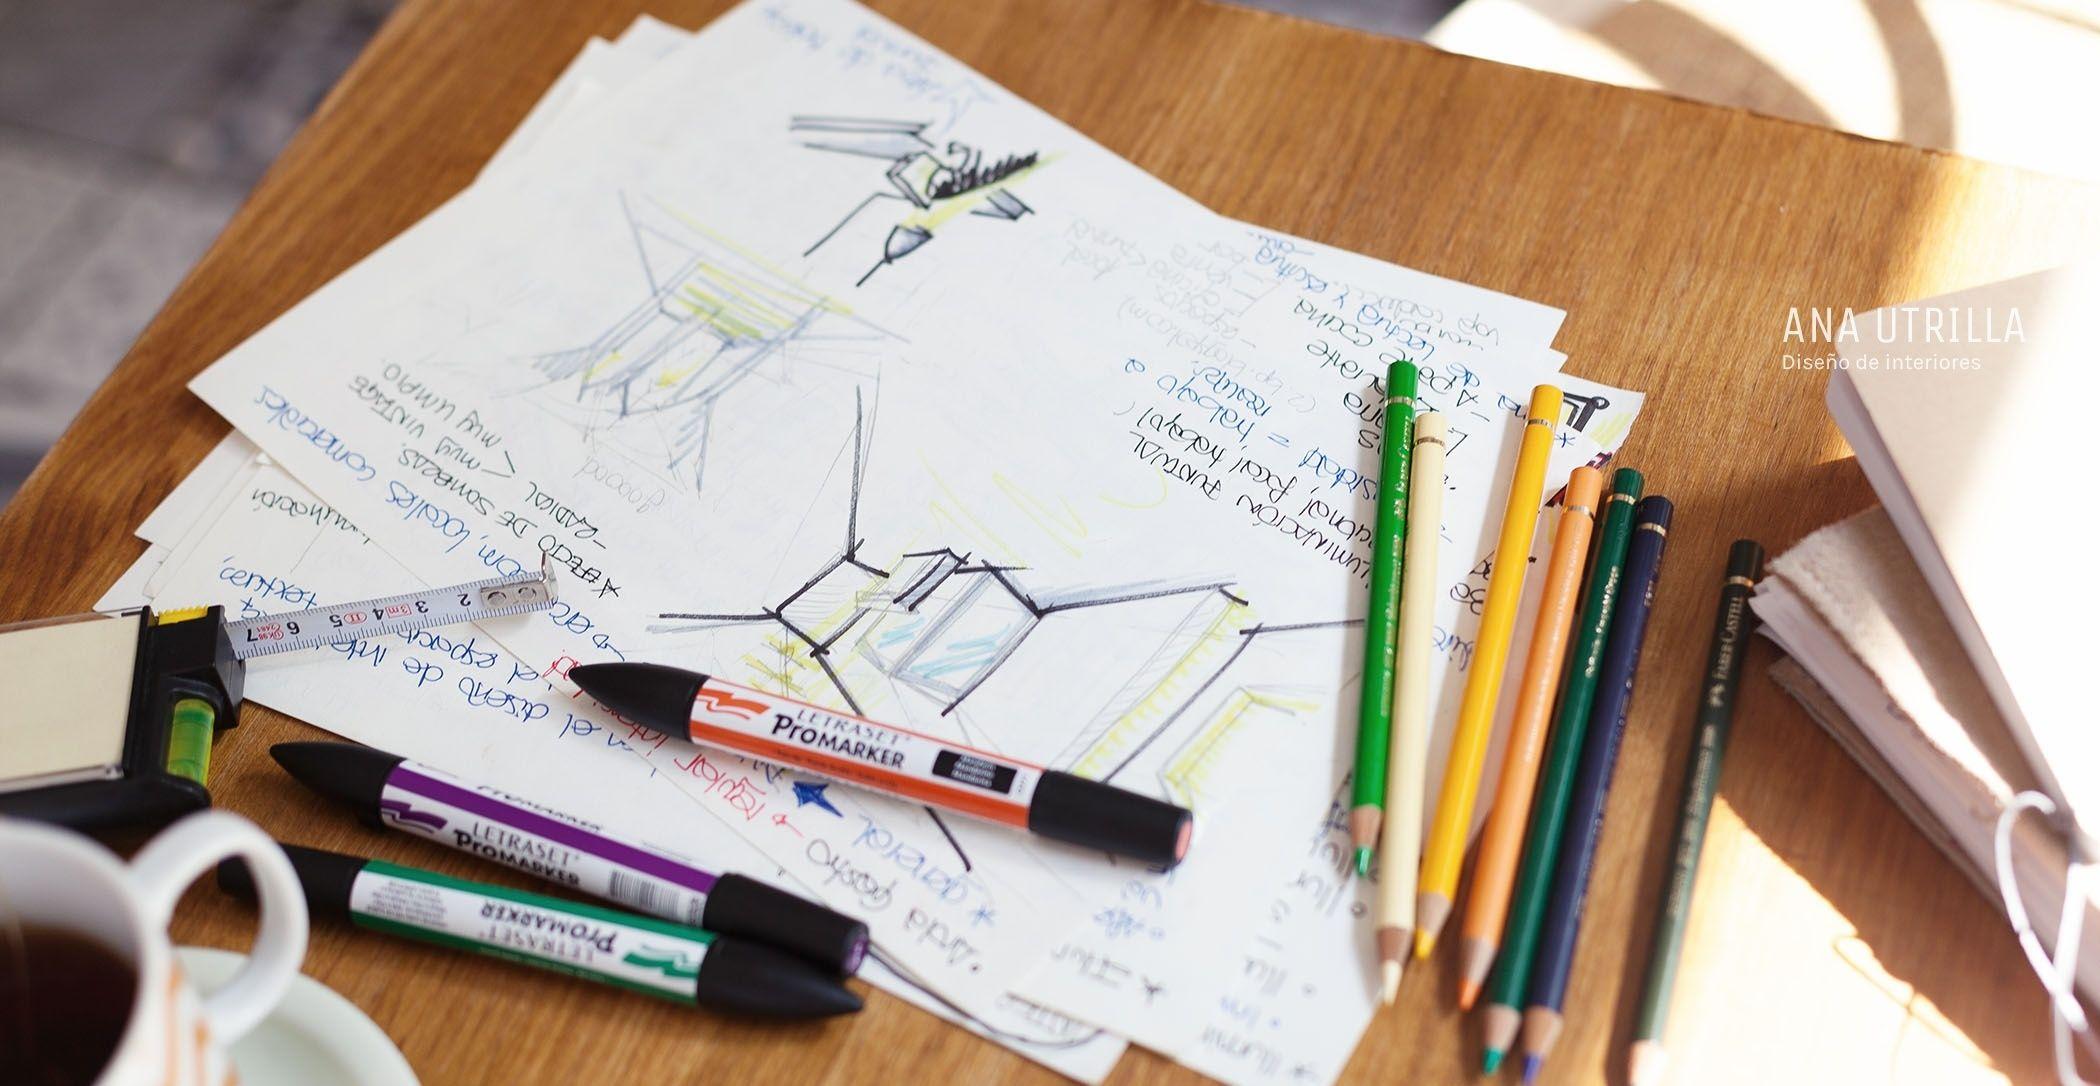 Proyectos de diseño de interiores para personas sin tiempo sobrepasadas con su reforma o decoración, Ana Utrilla interiorista online @Utrillanais